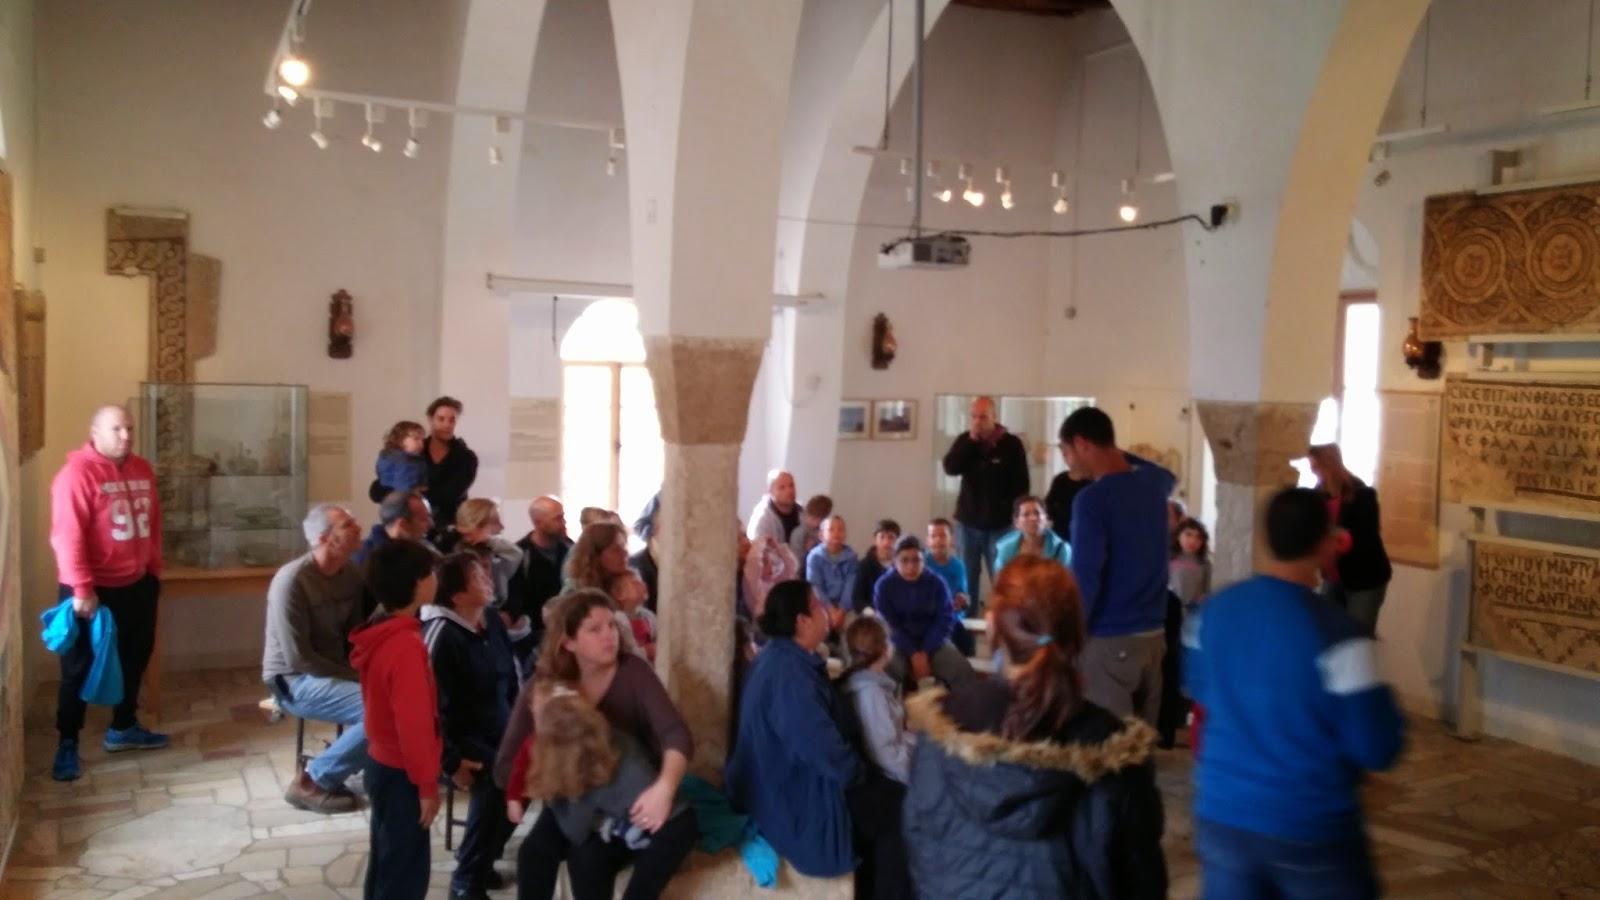 חג המשק, מוזיאון חניתה, חומה ומגדל, גליל מערבי, קיבוץ